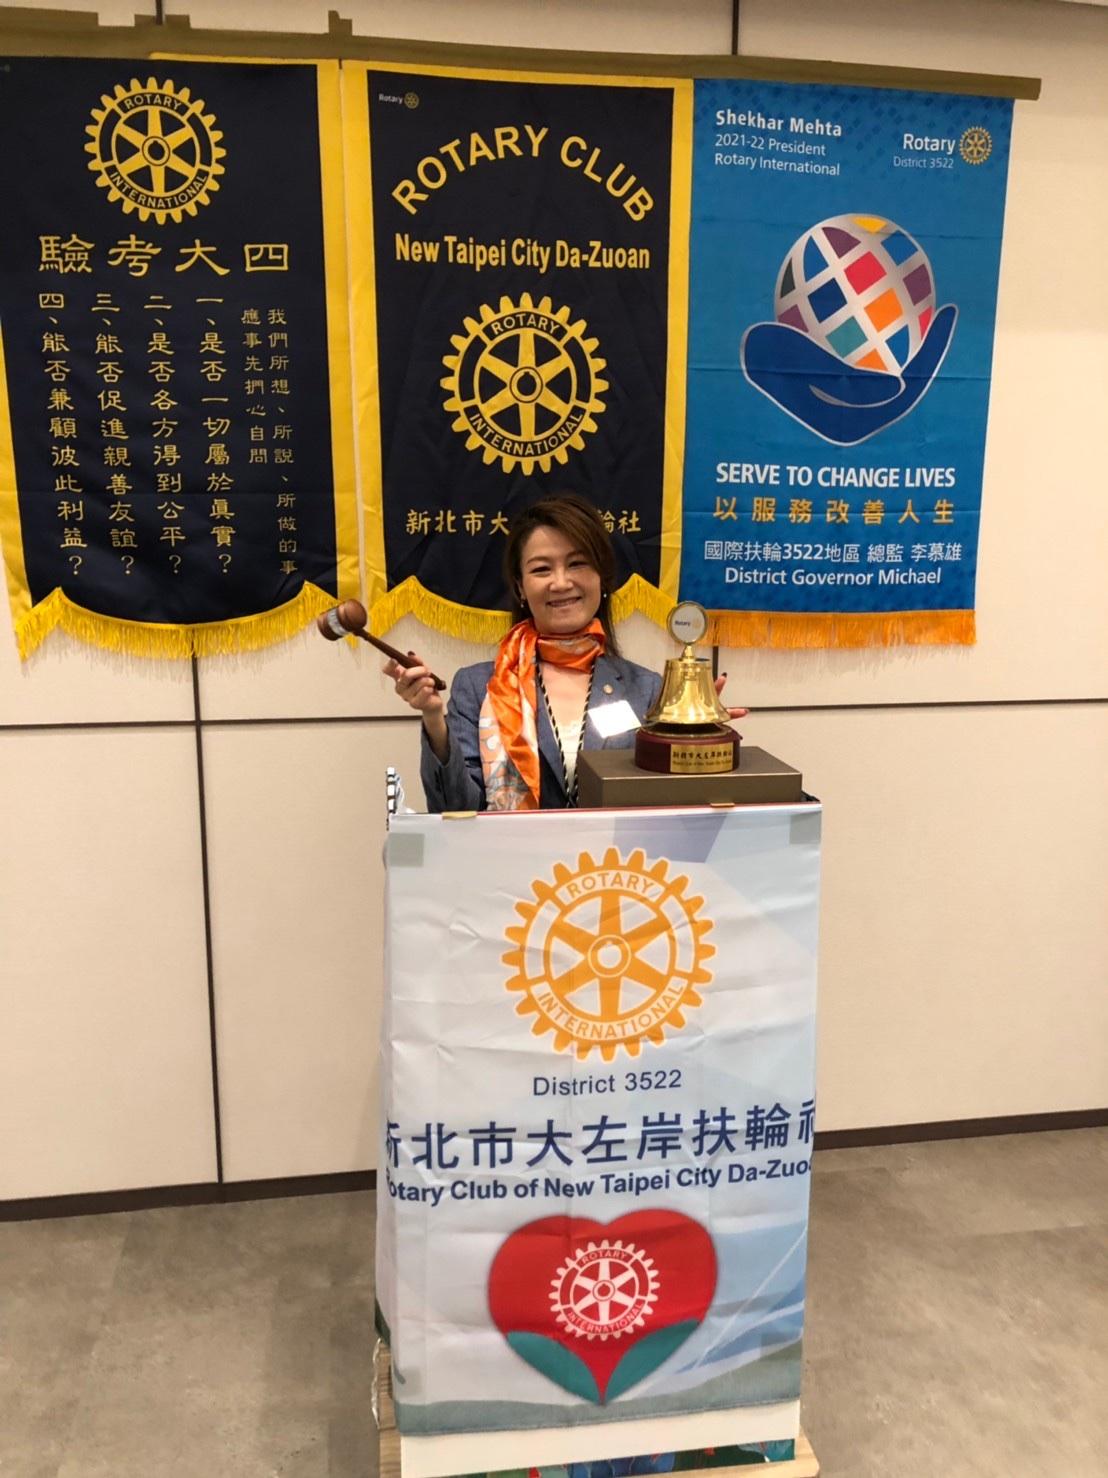 新任社長林秀樺(圖中),她說未來一年,她將繼續與全體社友為大左岸地區的繁榮幸福而努力。